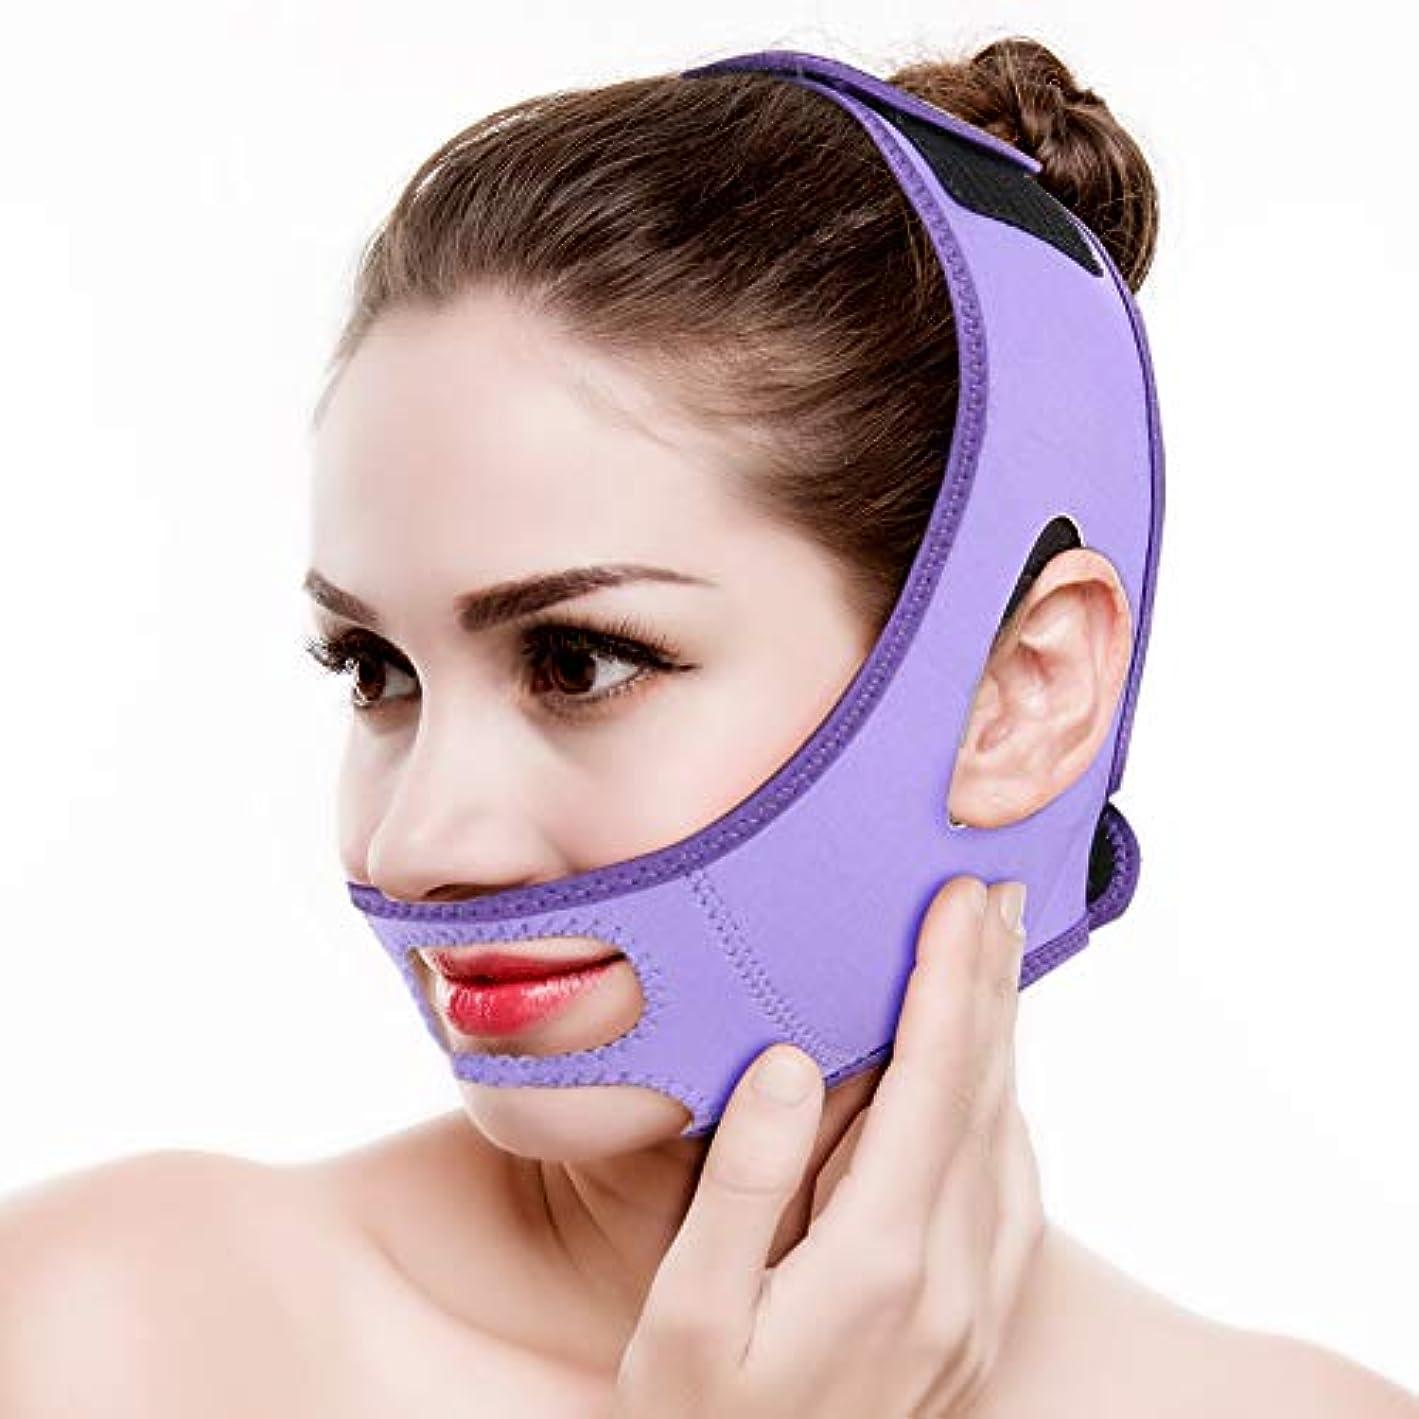 ヨーグルト詩マーケティングフェイスリフティングベルト,顔の痩身包帯フェイシャルスリミング包帯ベルトマスクフェイスリフトダブルチンスキンストラップフェイススリミング包帯小 顔 美顔 矯正、顎リフト フェイススリミングマスク (Purple)